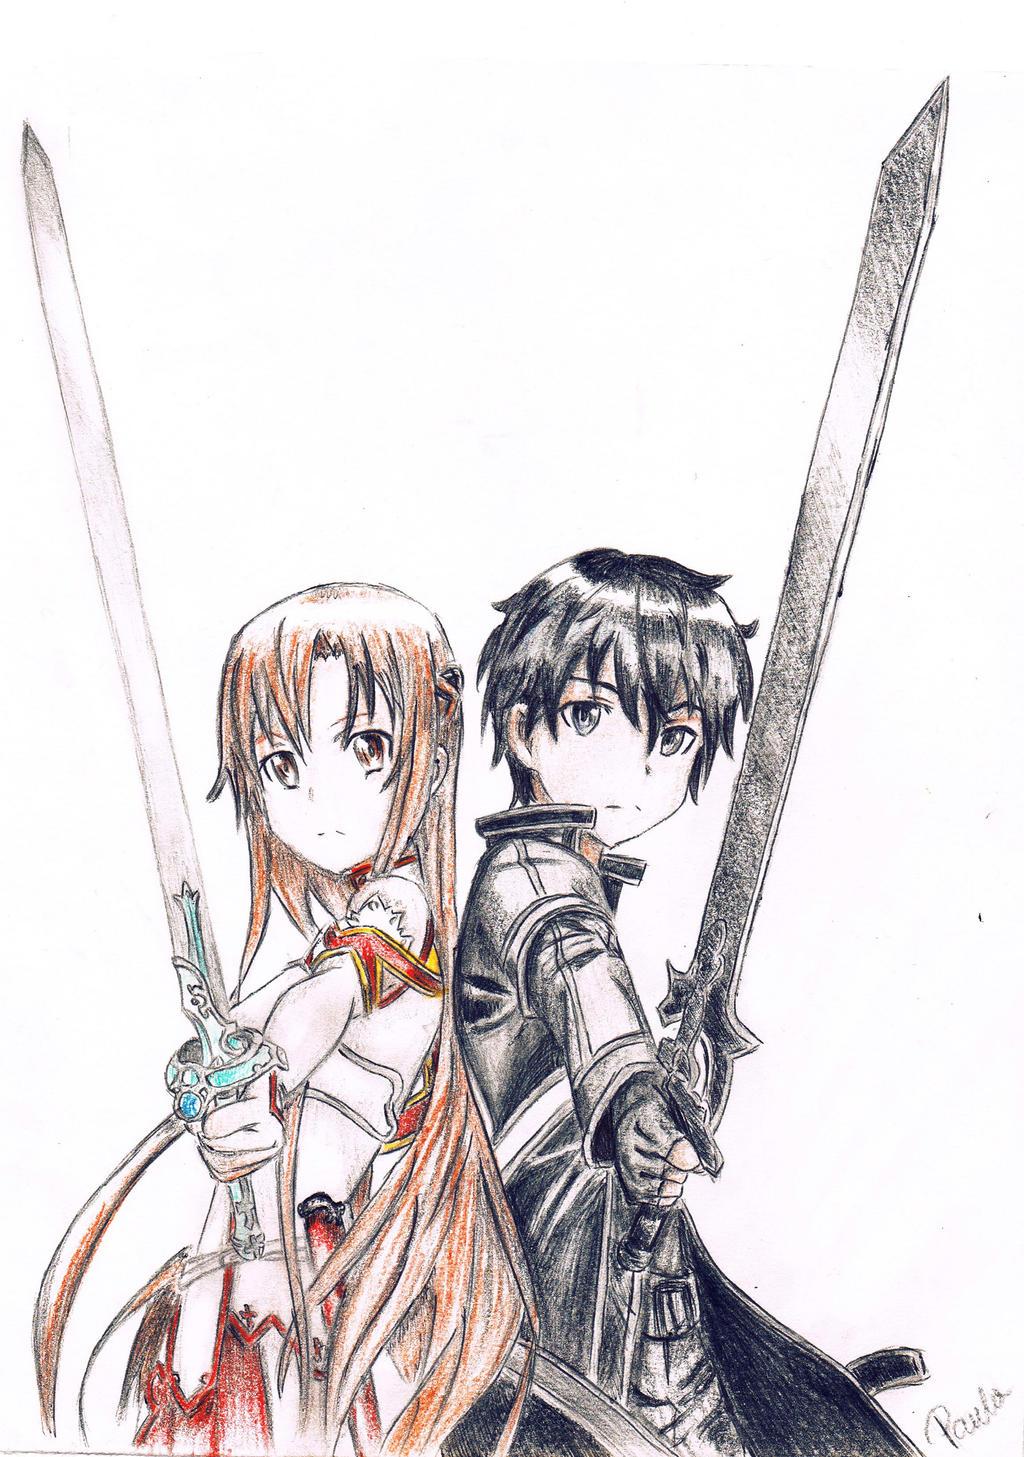 Kirito x Asuna SAO by Black33x